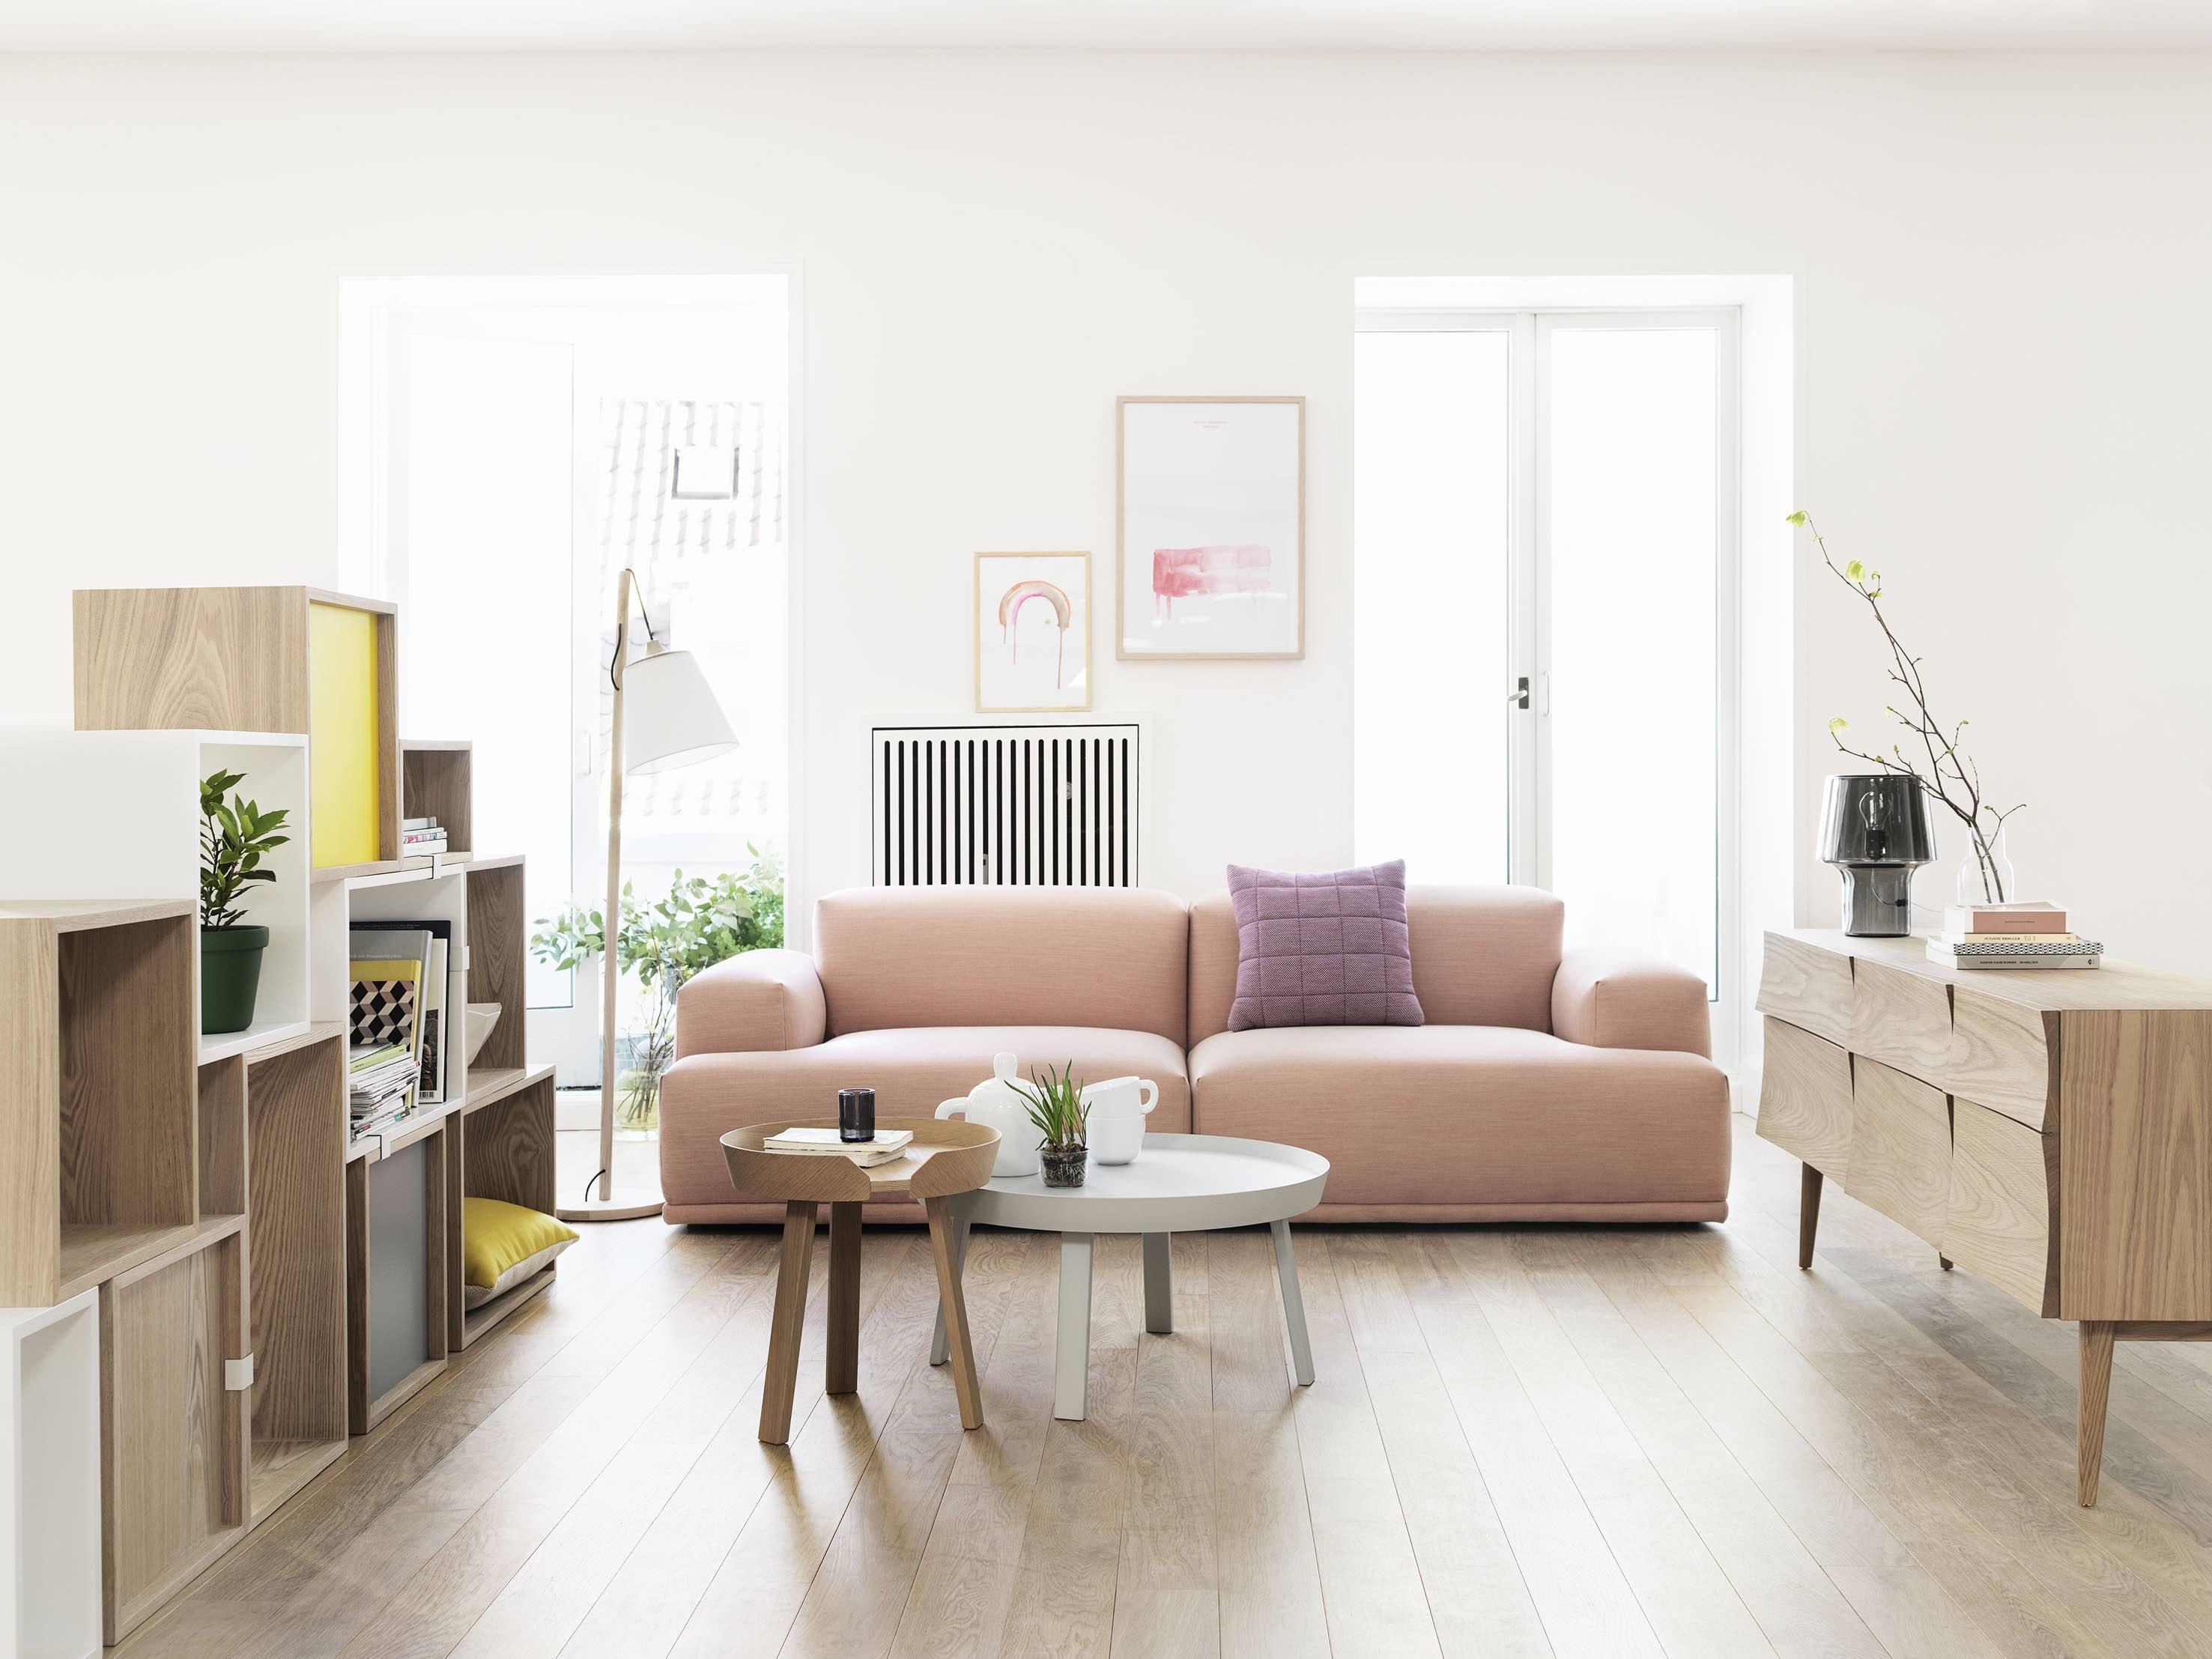 Die 10 häufigsten Einrichtungsfehler | Sweet Home